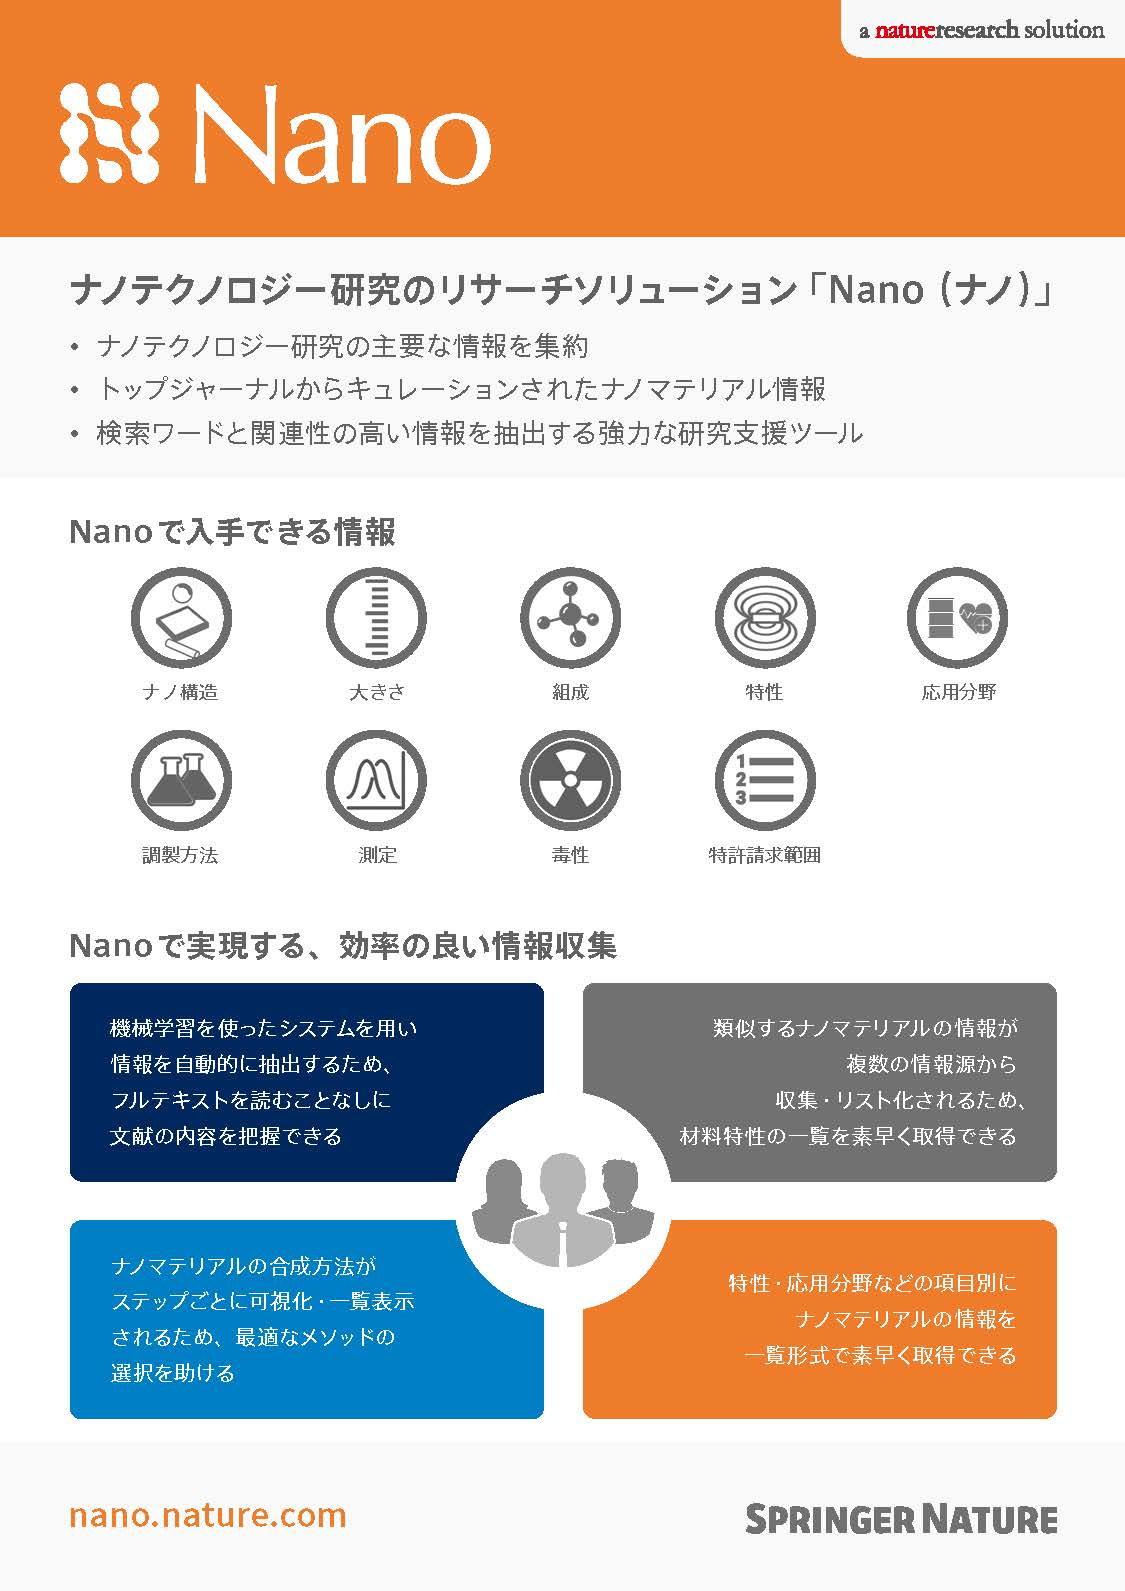 Nano パンフレット